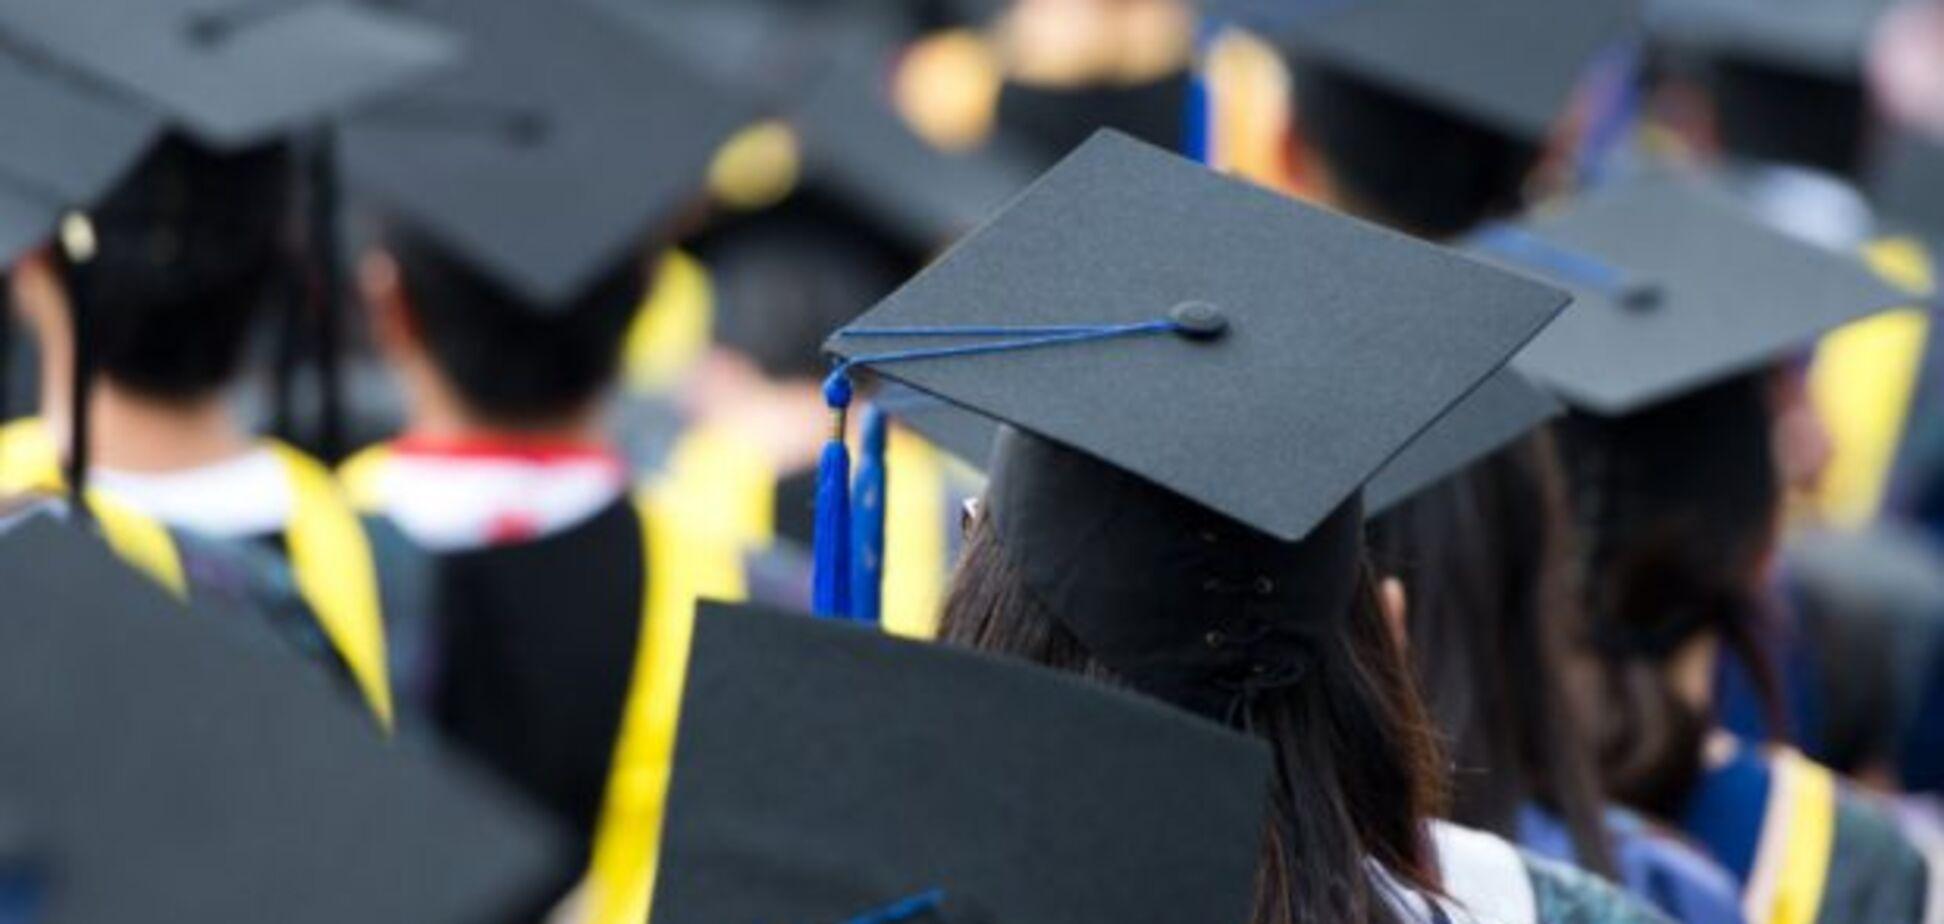 В Україні встановили мінімальну ціну навчання у вишах: яких спеціальностей торкнеться